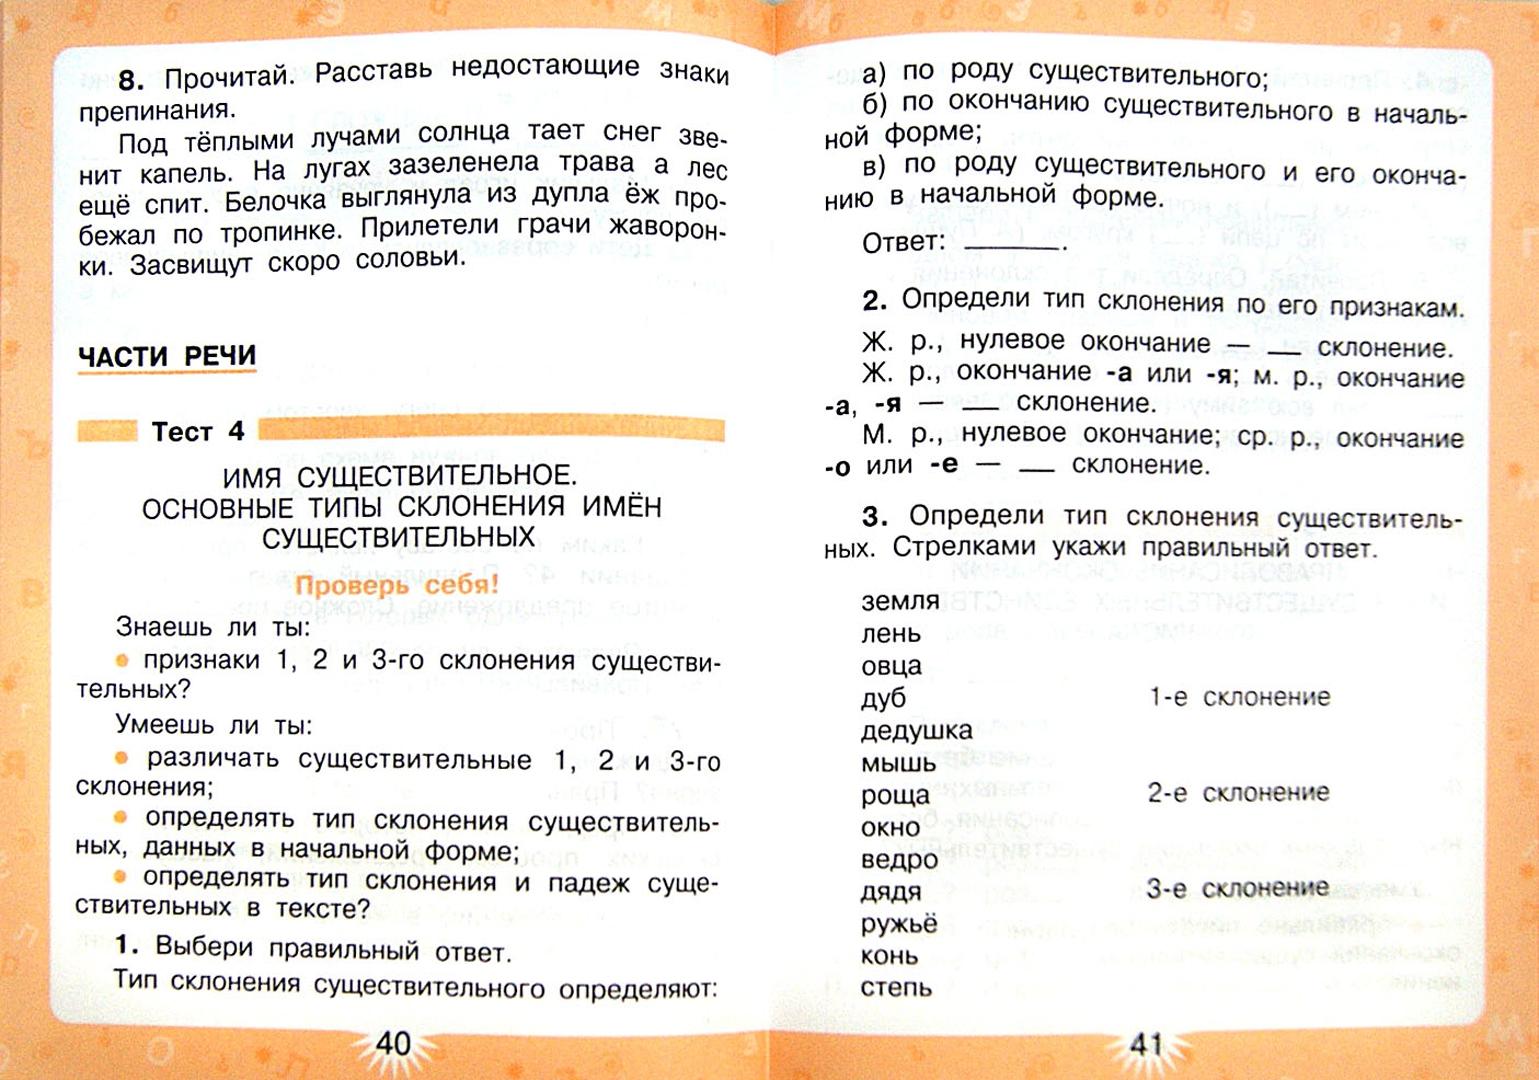 Иллюстрация 1 из 23 для Русский язык. Проверочные работы. 4 класс. ФГОС - Зеленина, Хохлова | Лабиринт - книги. Источник: Лабиринт